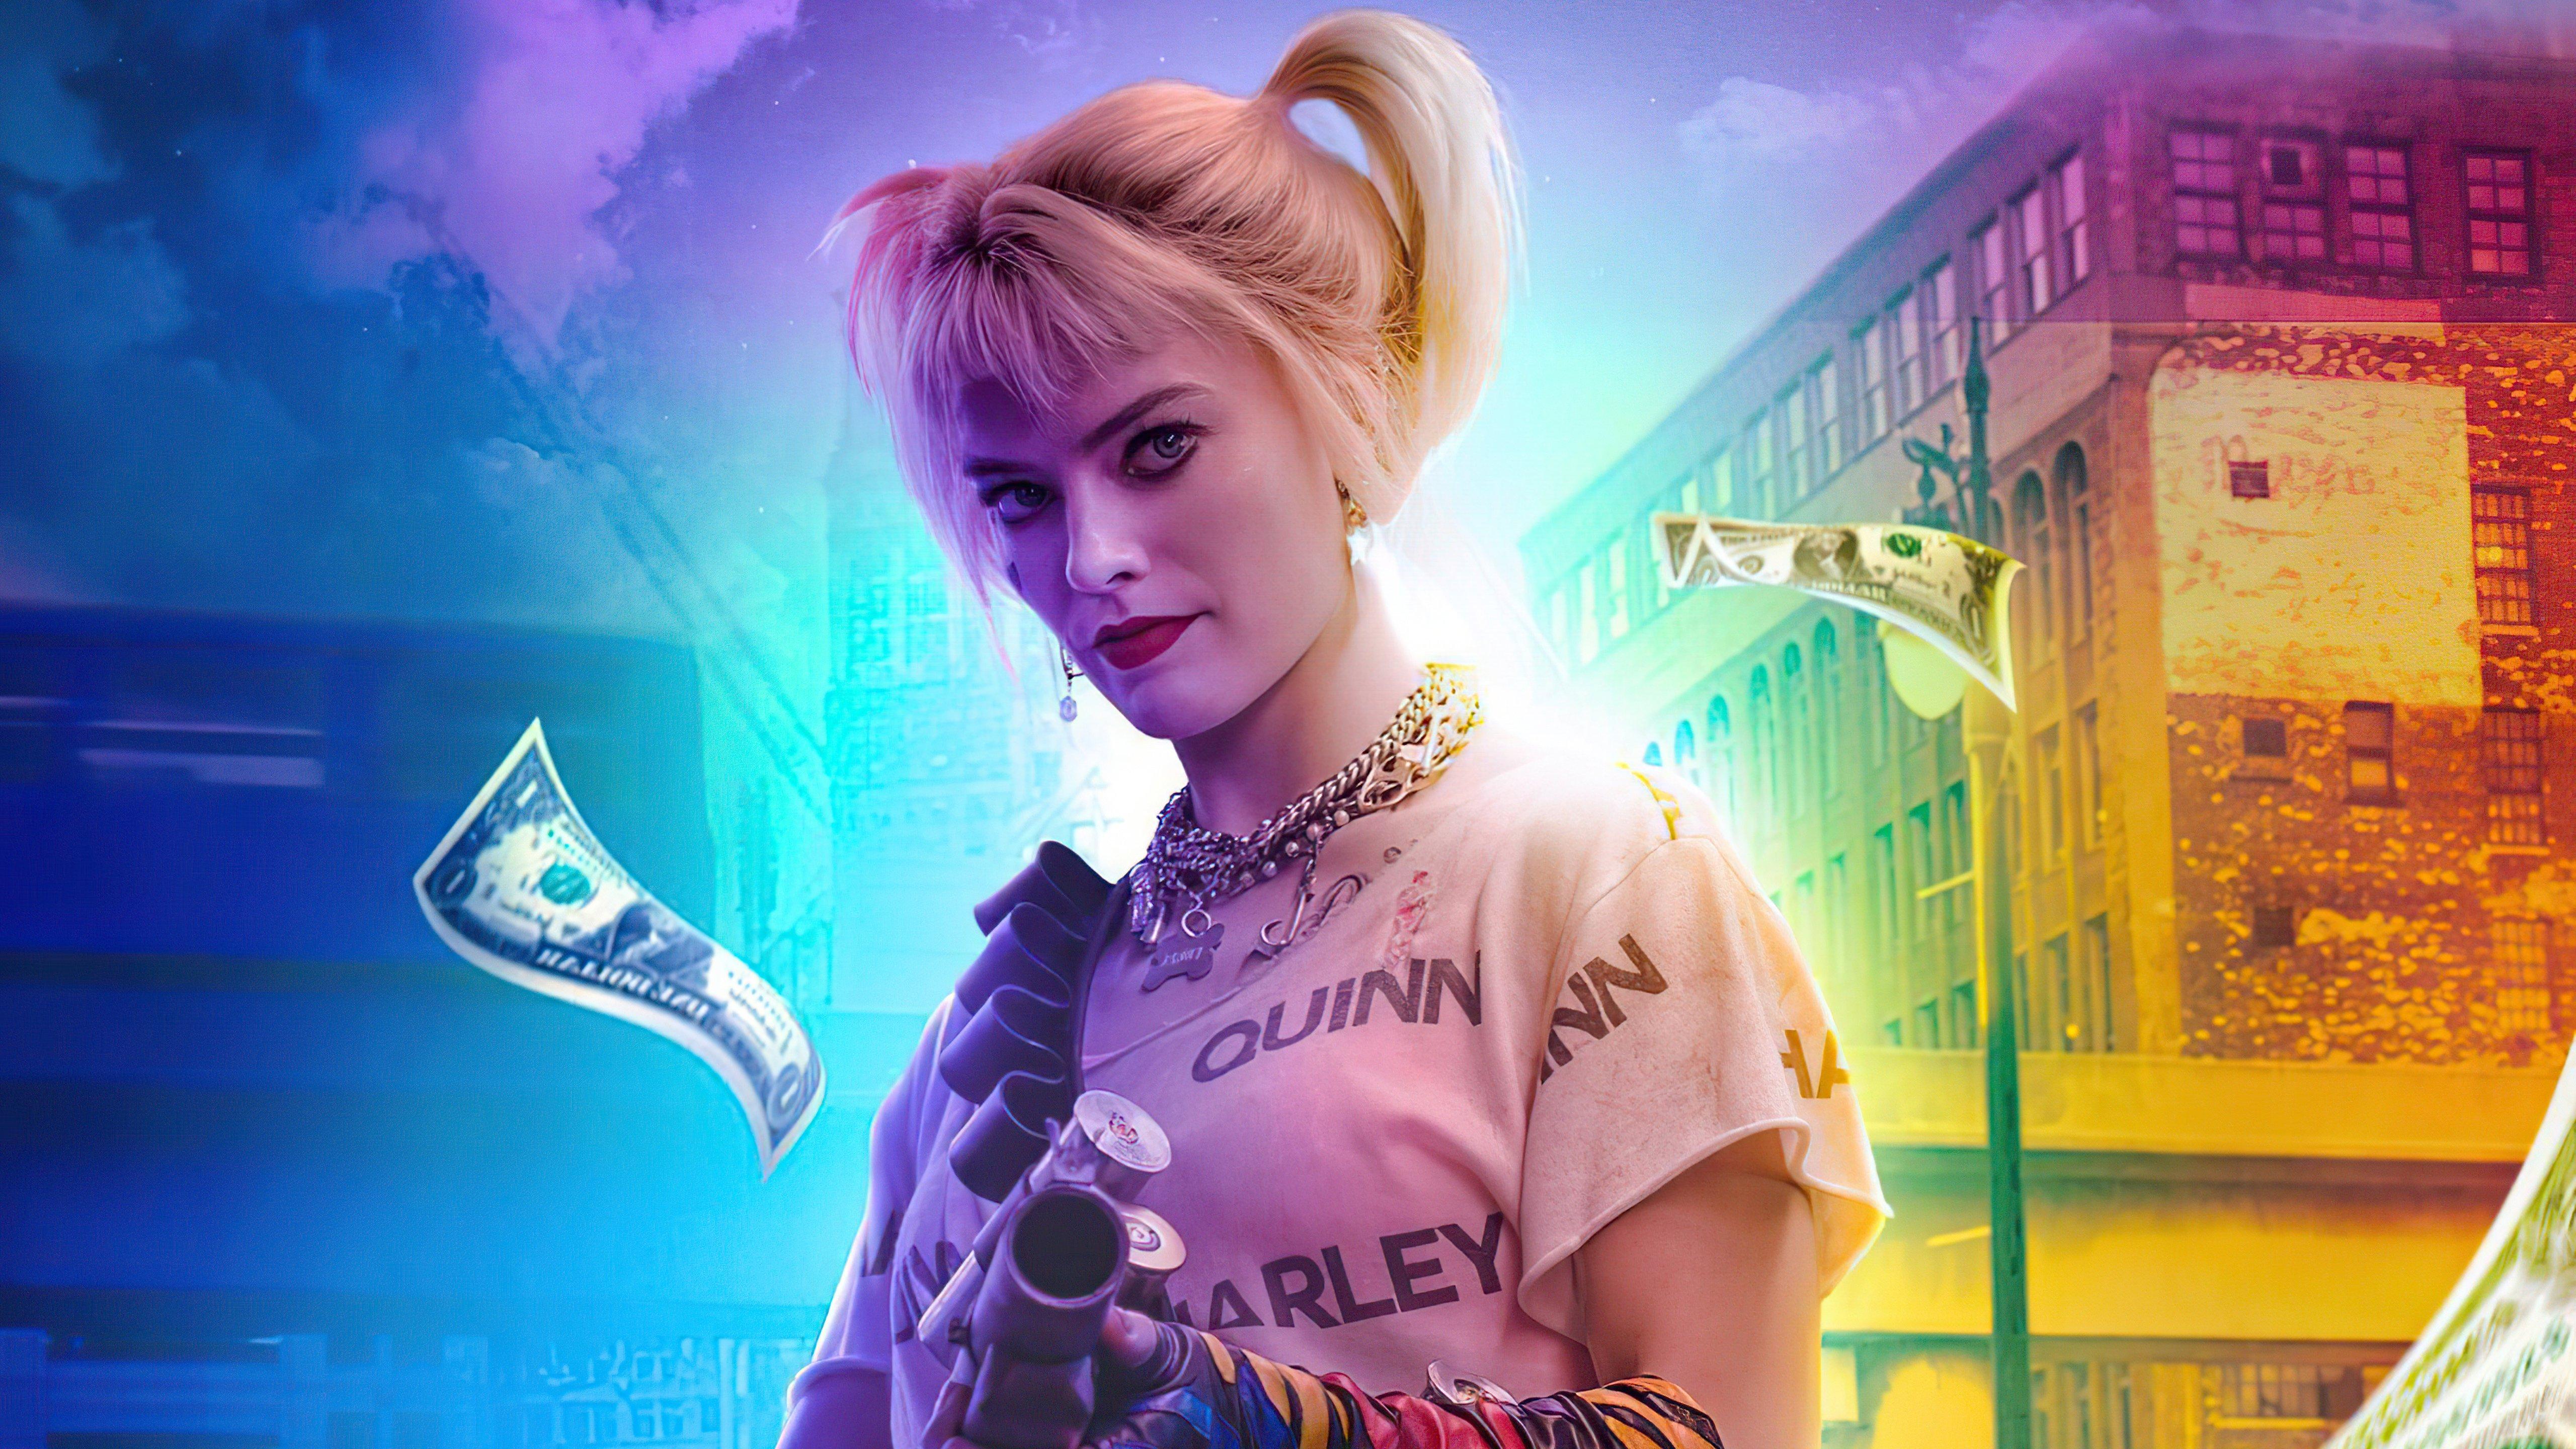 Fondos de pantalla No te metas con Harley Quinn